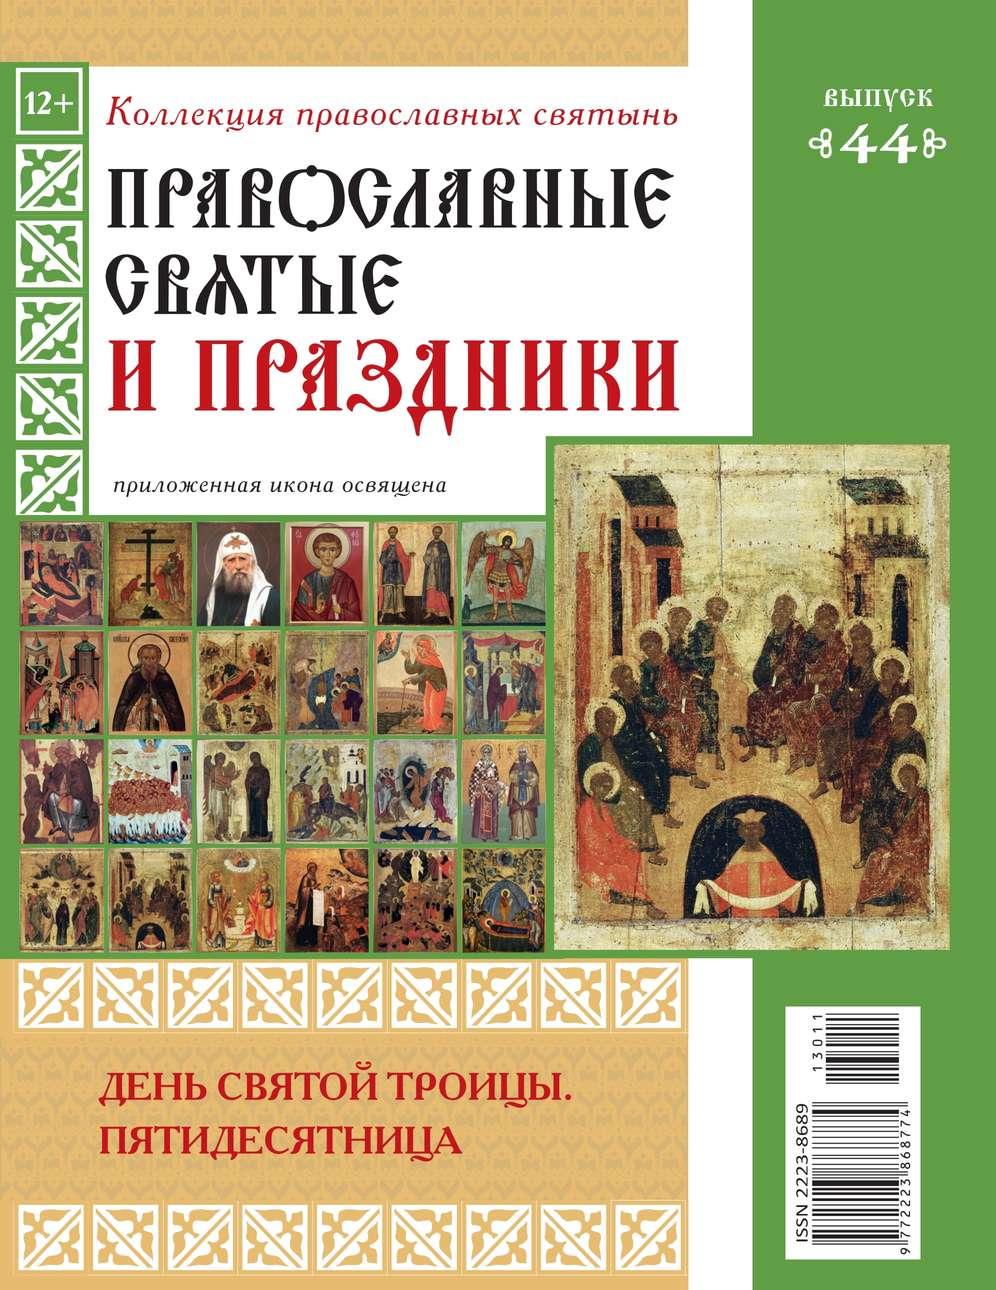 Редакция журнала Коллекция Православных Святынь Коллекция Православных Святынь 44 коллекция